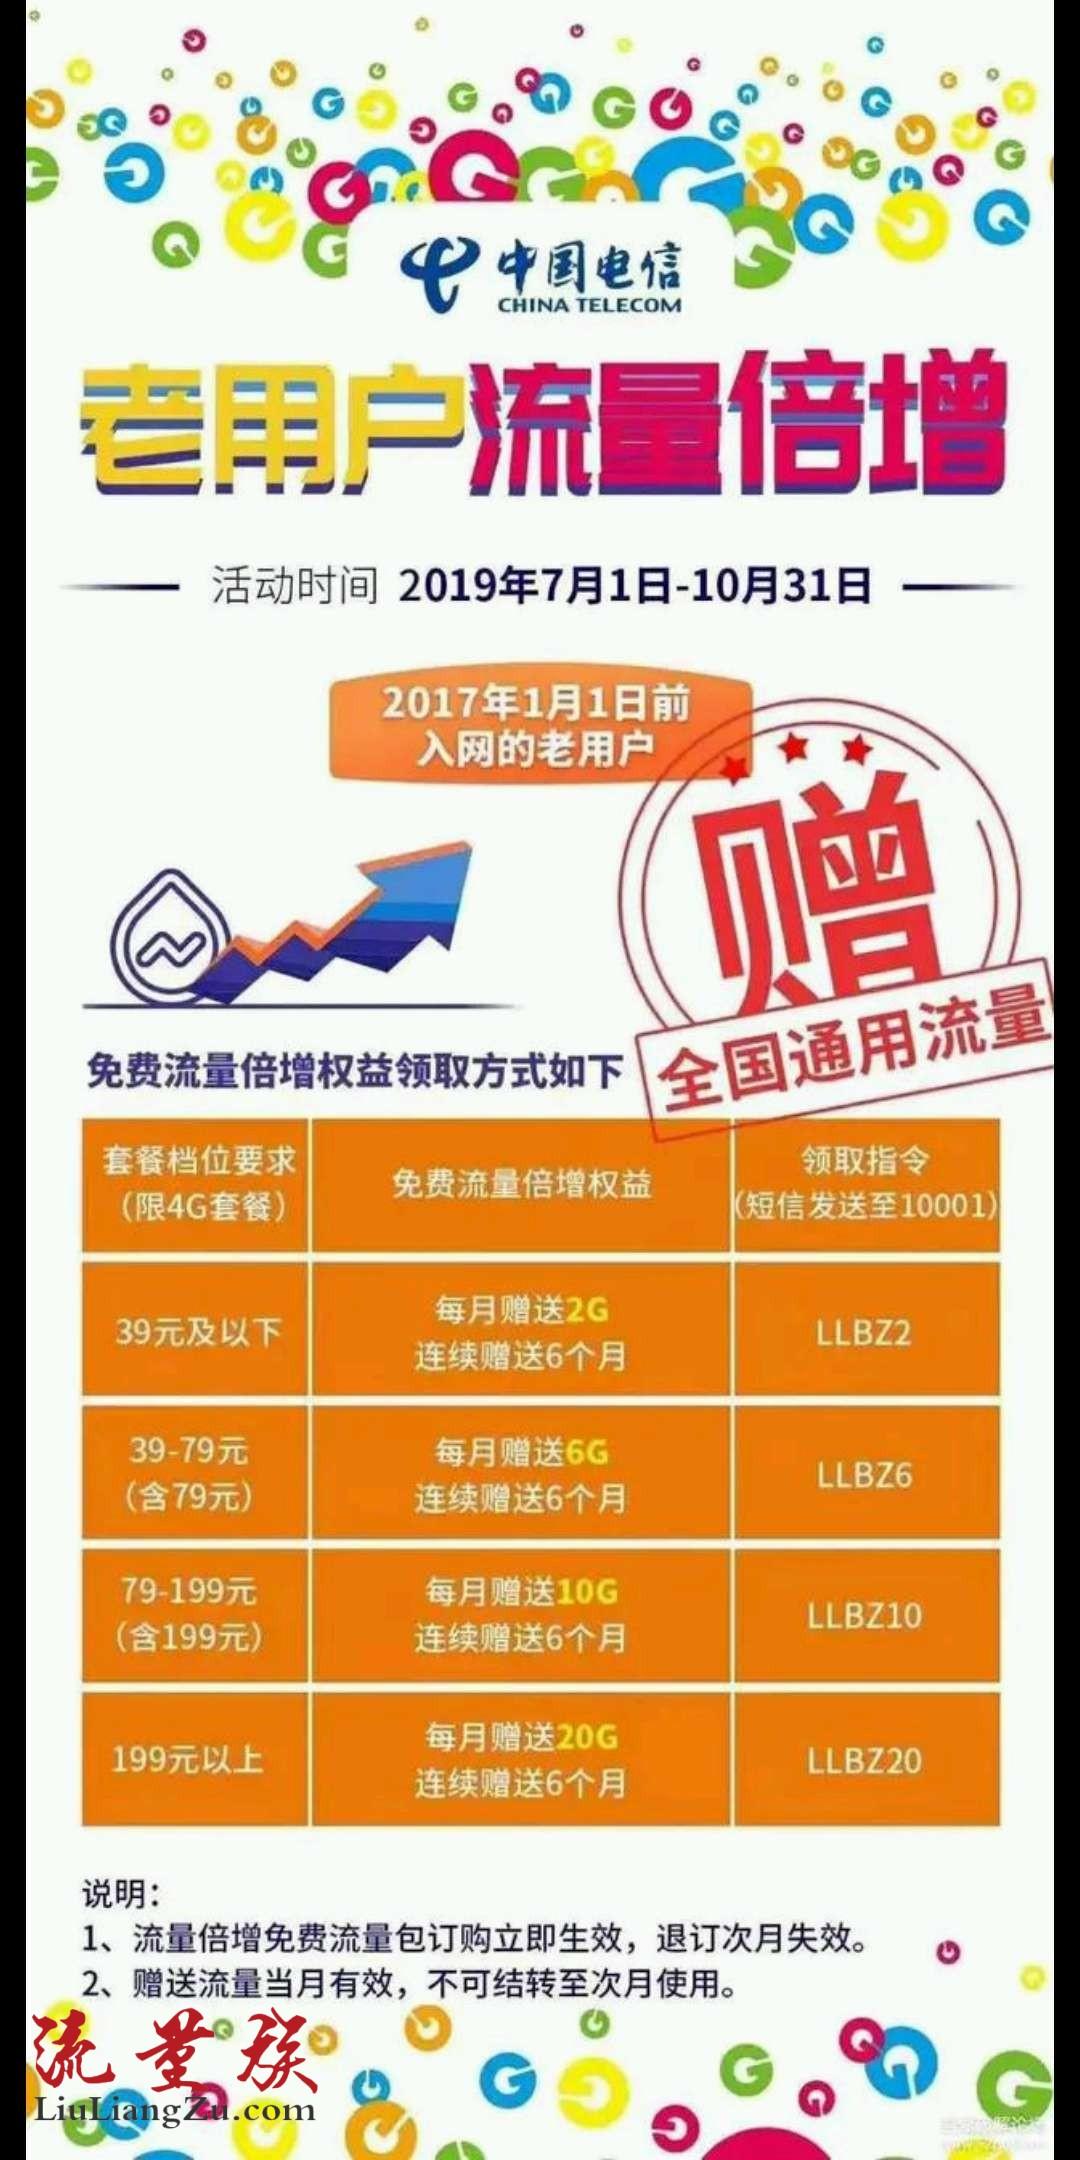 中国电信老用户免费领20G流量 连赠6月